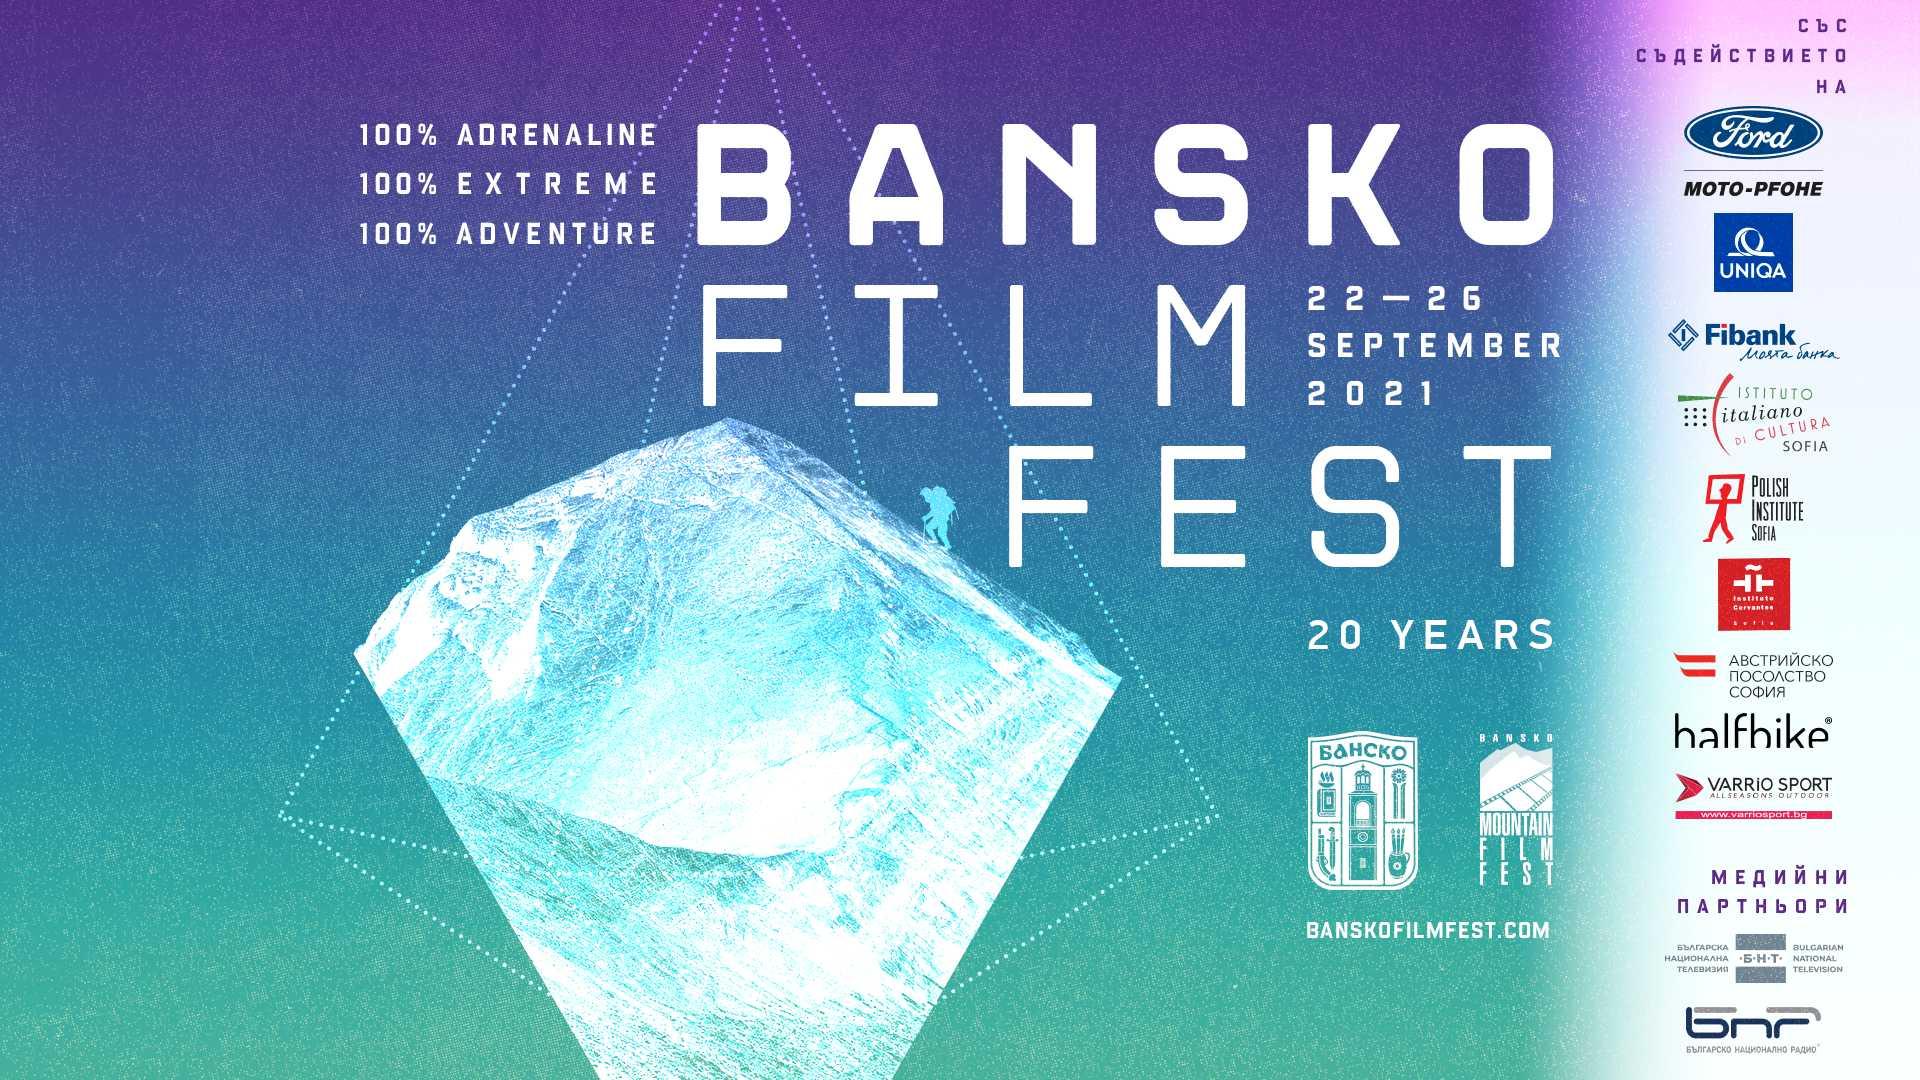 Банско филм фест 2021 – 22-26 септември